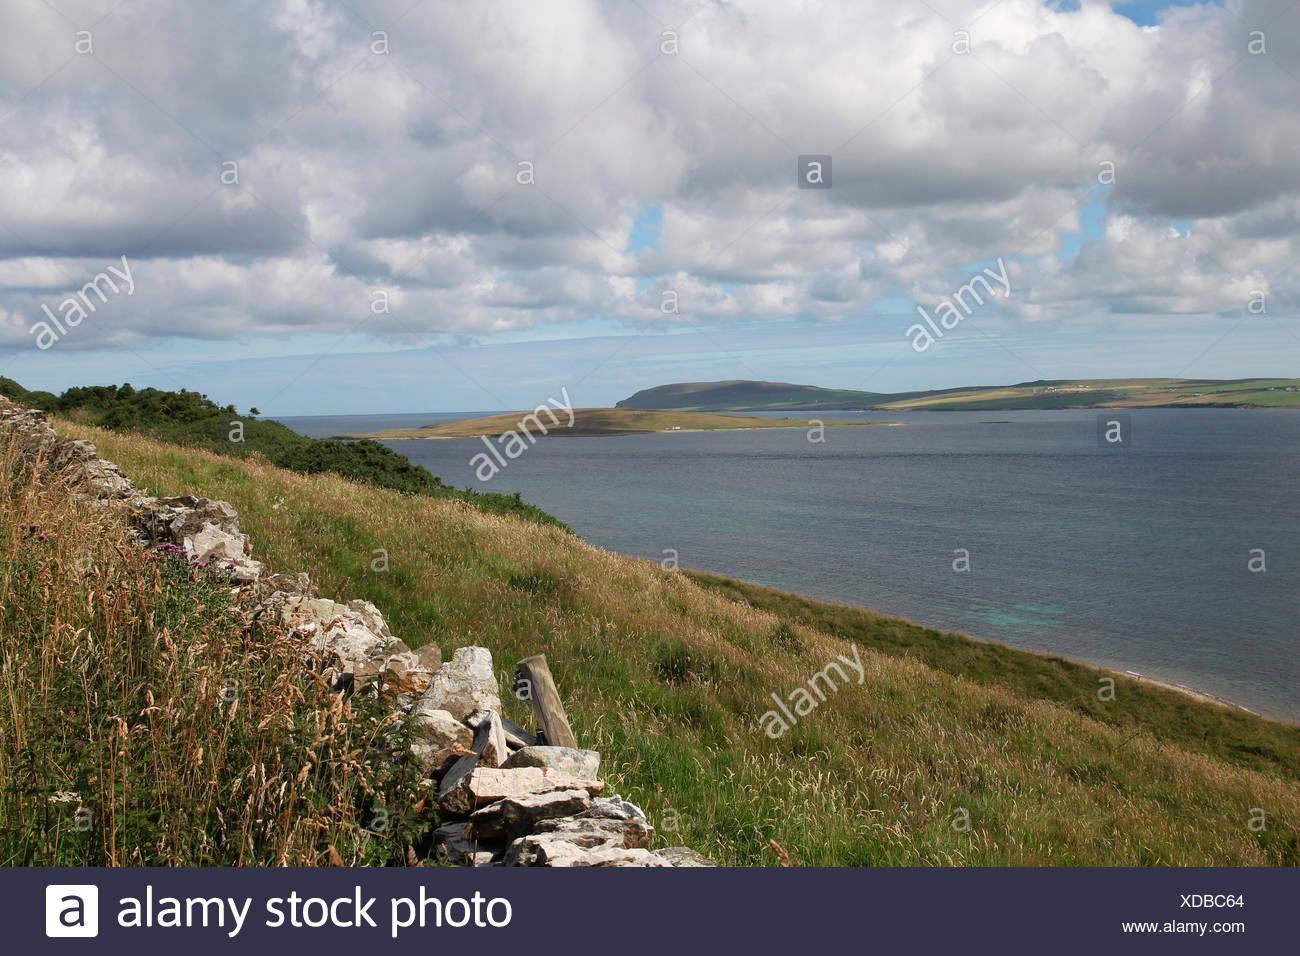 island of rousay, orkney islands, scotland, united kingdom - Stock Image